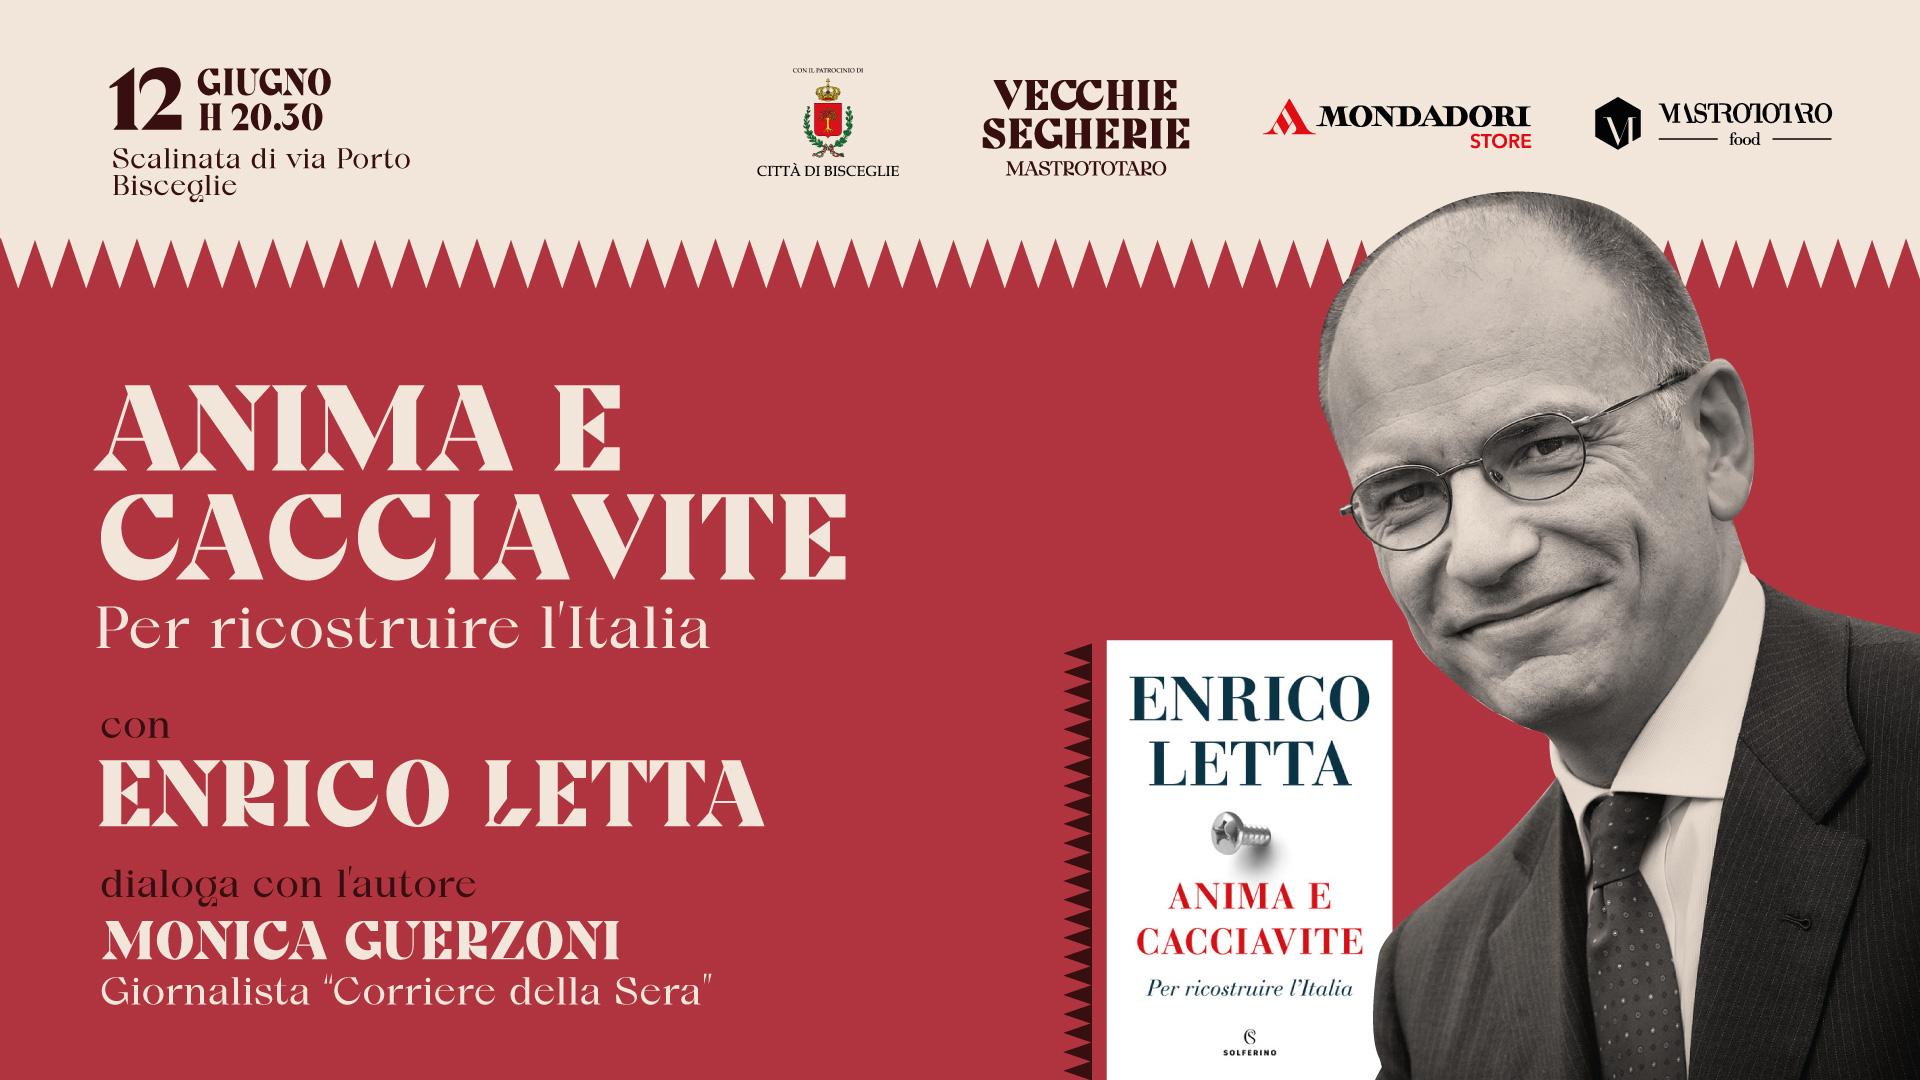 Vecchie Segherie Mastrotatoro: sabato 12 giugno Enrico Letta presenta Anima e Cacciavite, per ricostruire l'Italia